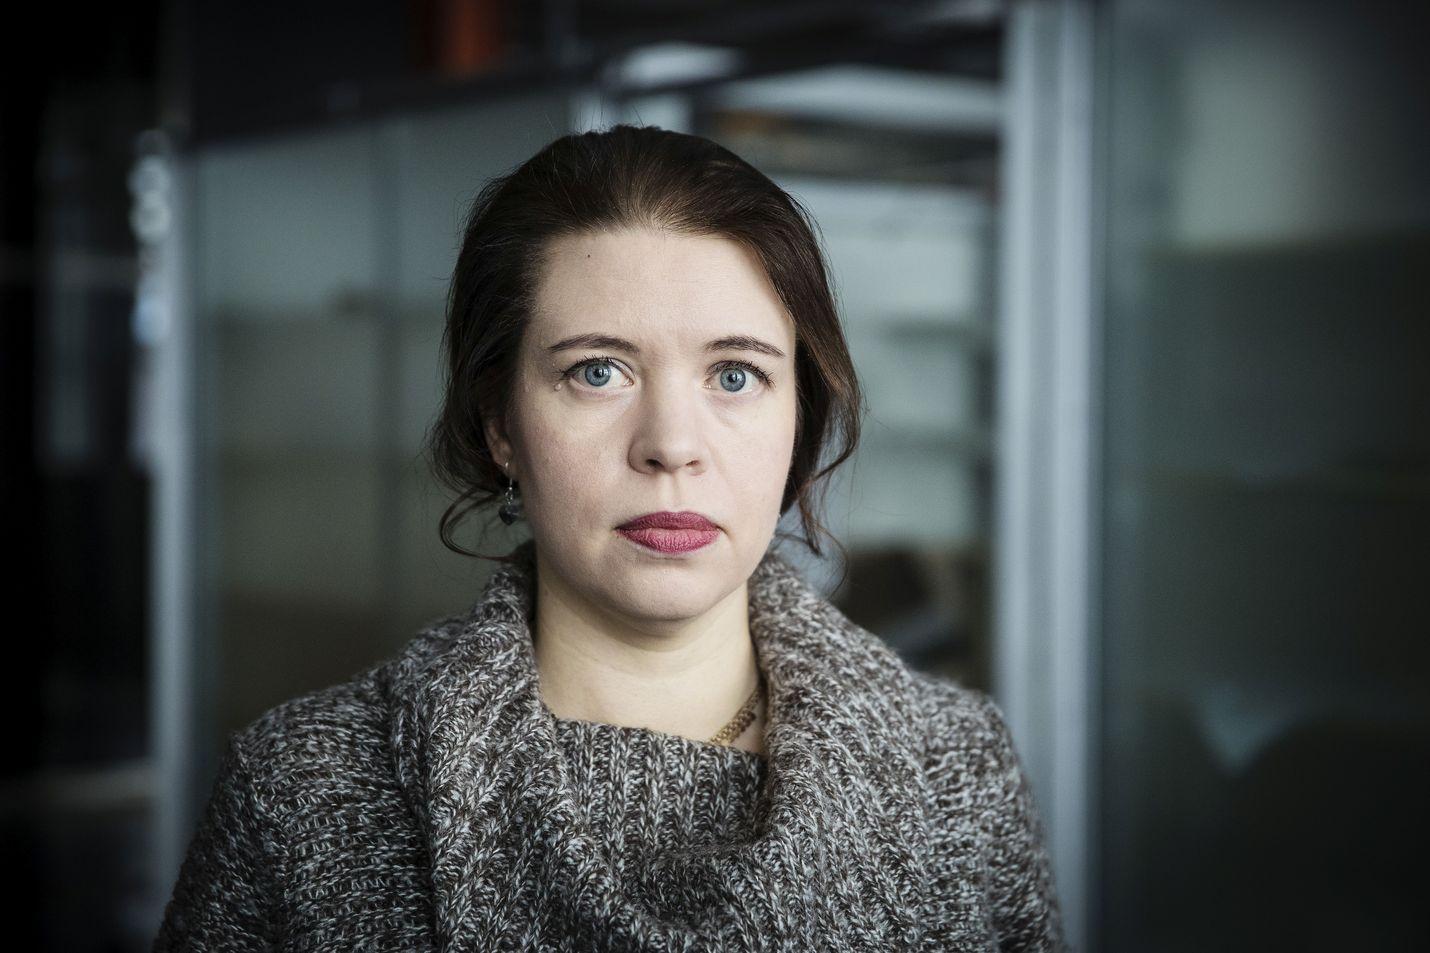 Kansanedustaja Anna Kontulan osallistuminen aktivismiin Israelissa herätti Suomessa kohun alkuvuonna. Kontula aikoo kertoa matkan tapahtumista kirjassaan yksityiskohtaisesti.